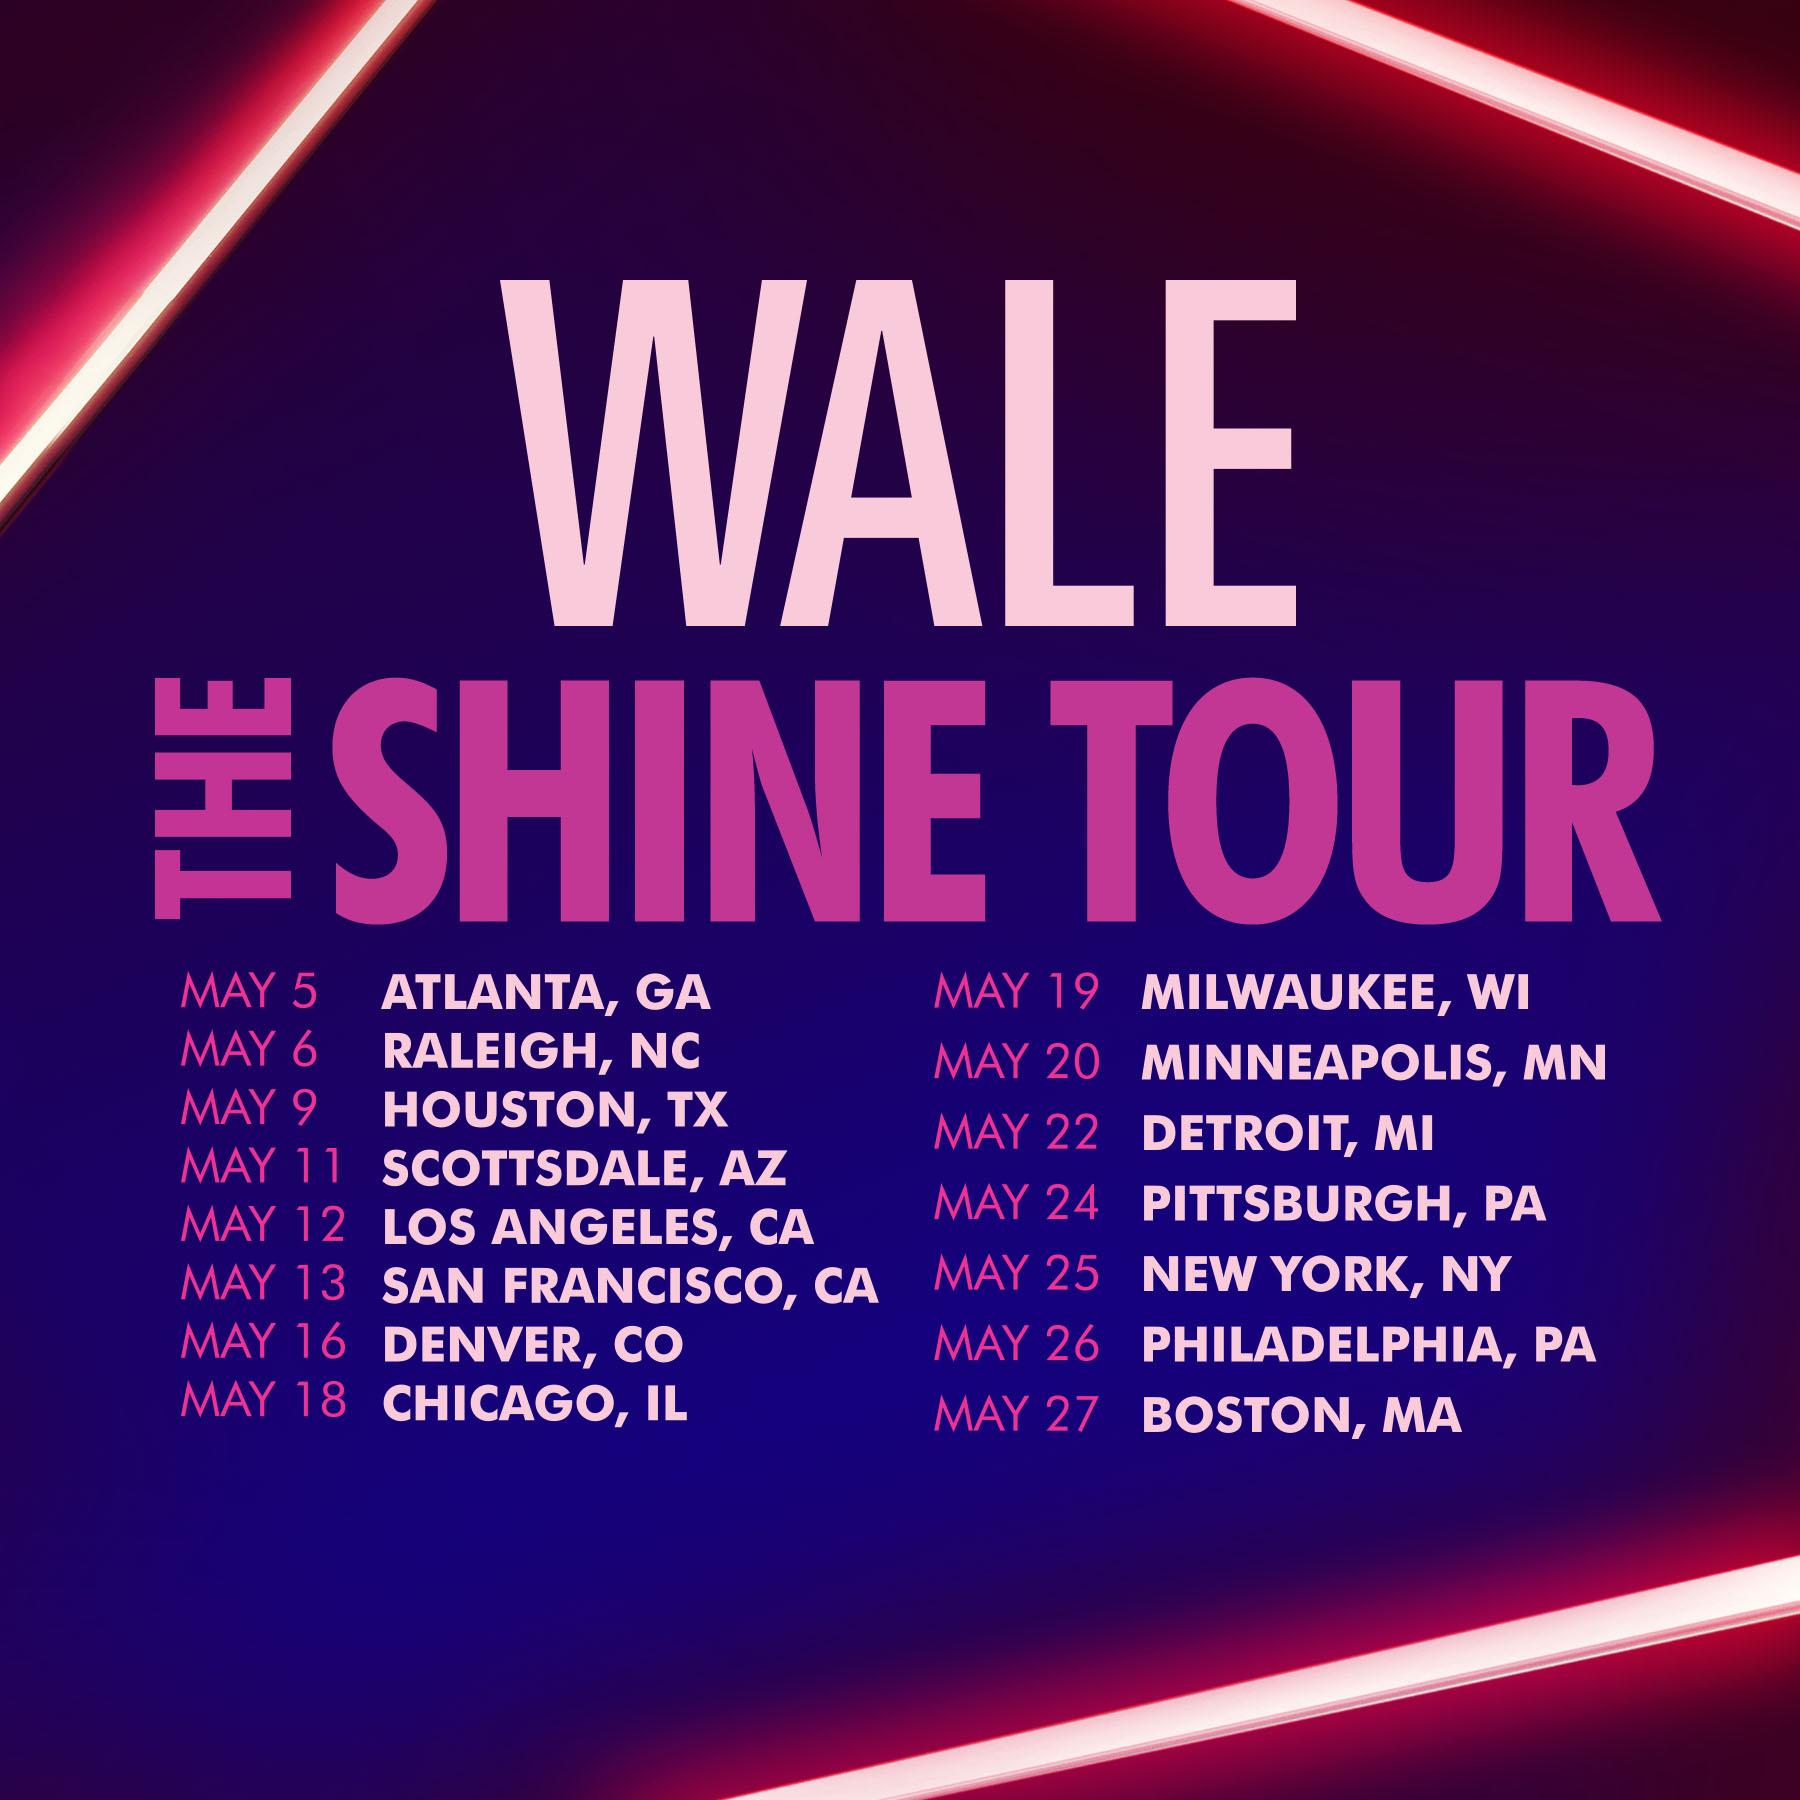 Wale Announces The Shine Tour